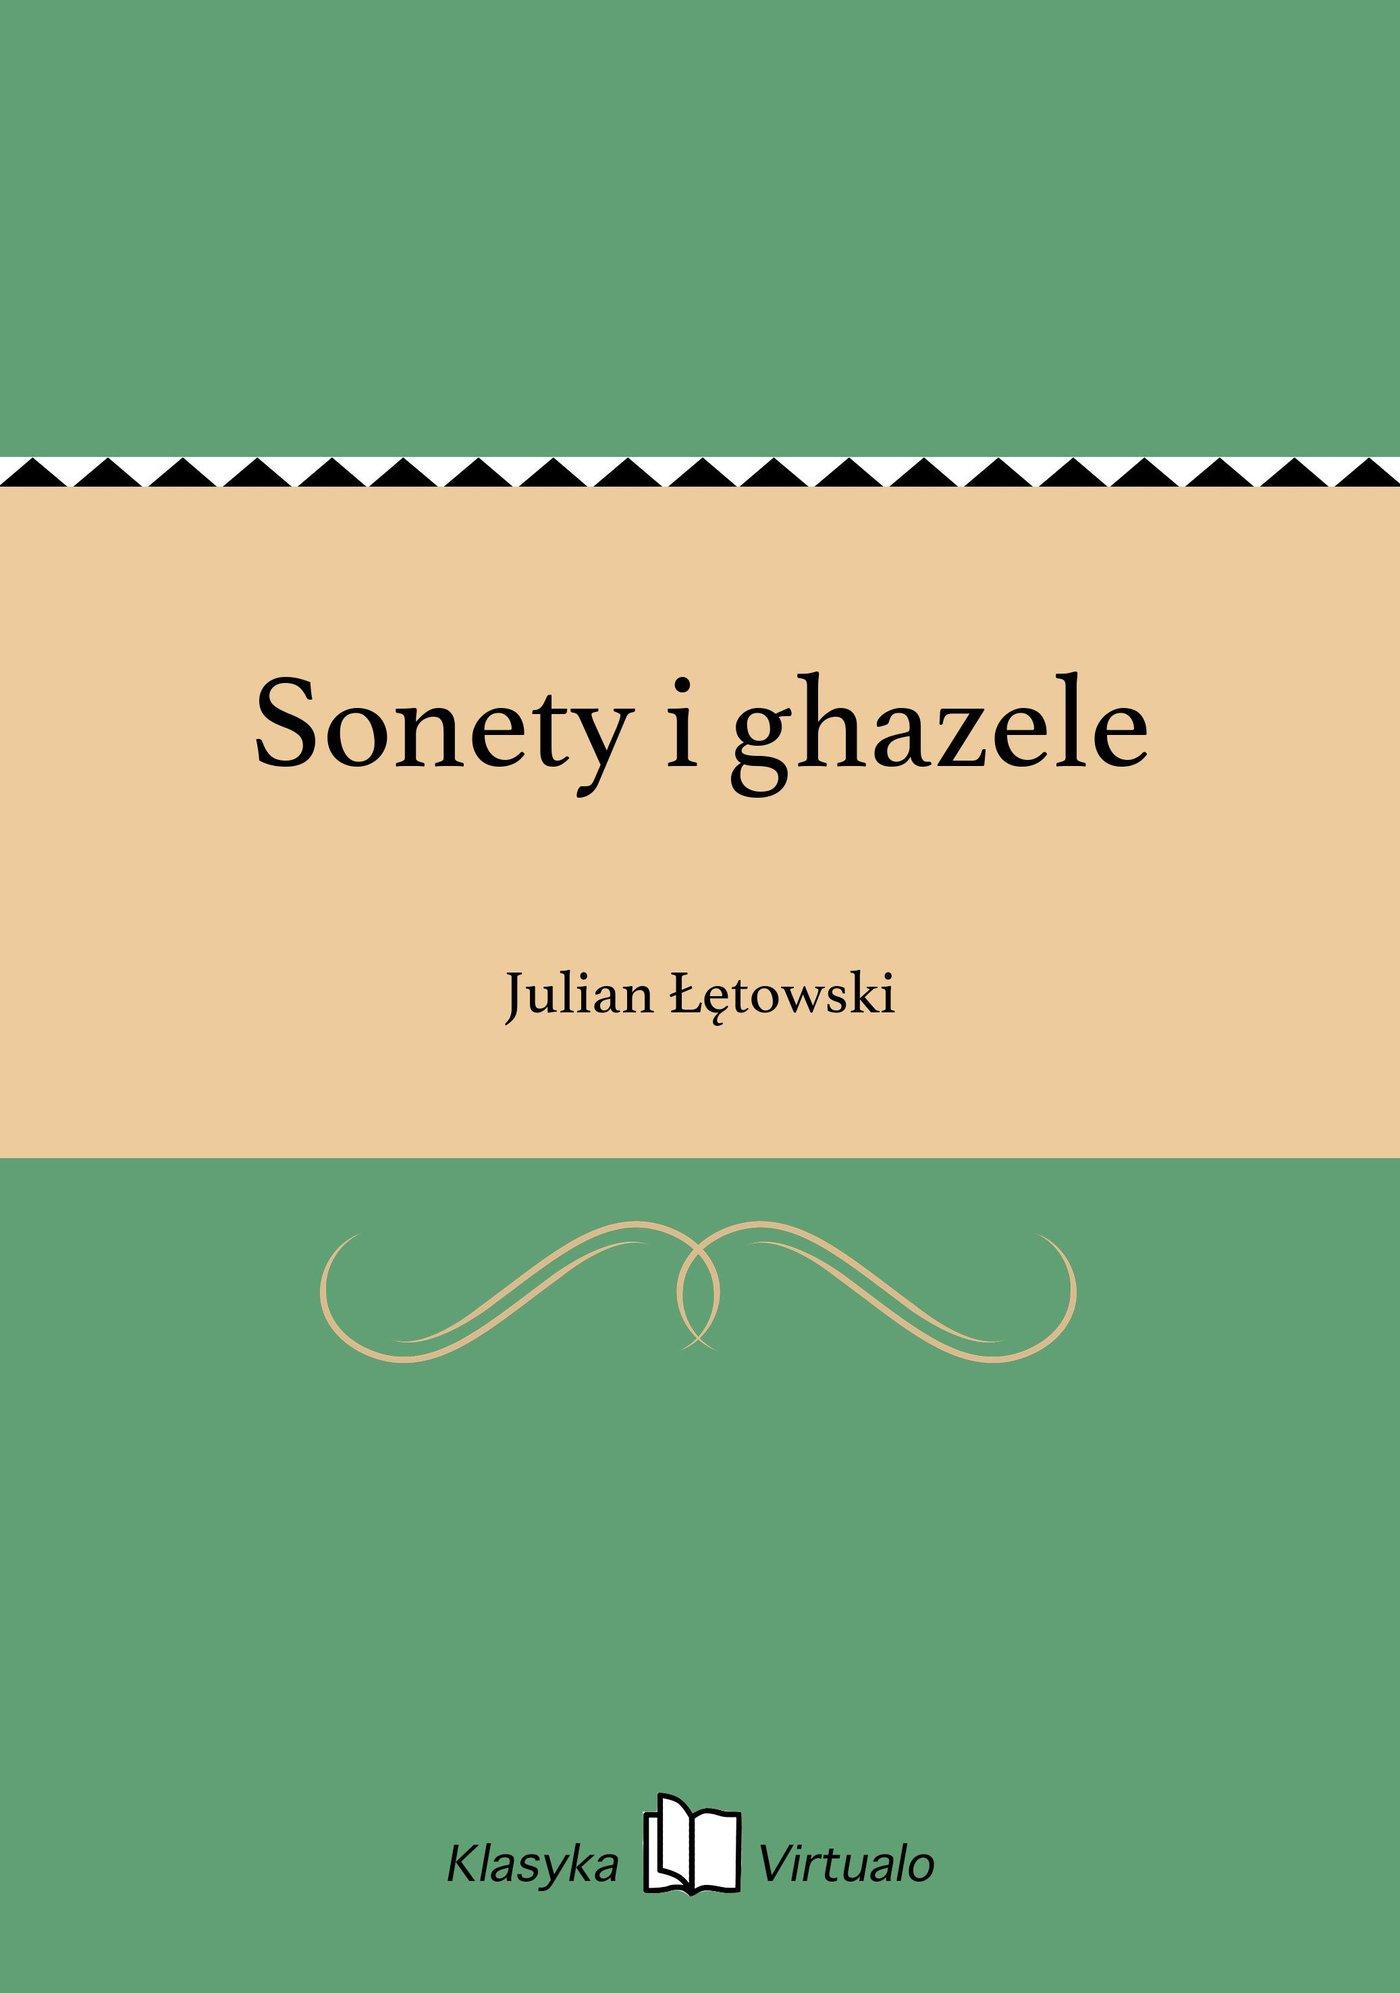 Sonety i ghazele - Ebook (Książka EPUB) do pobrania w formacie EPUB